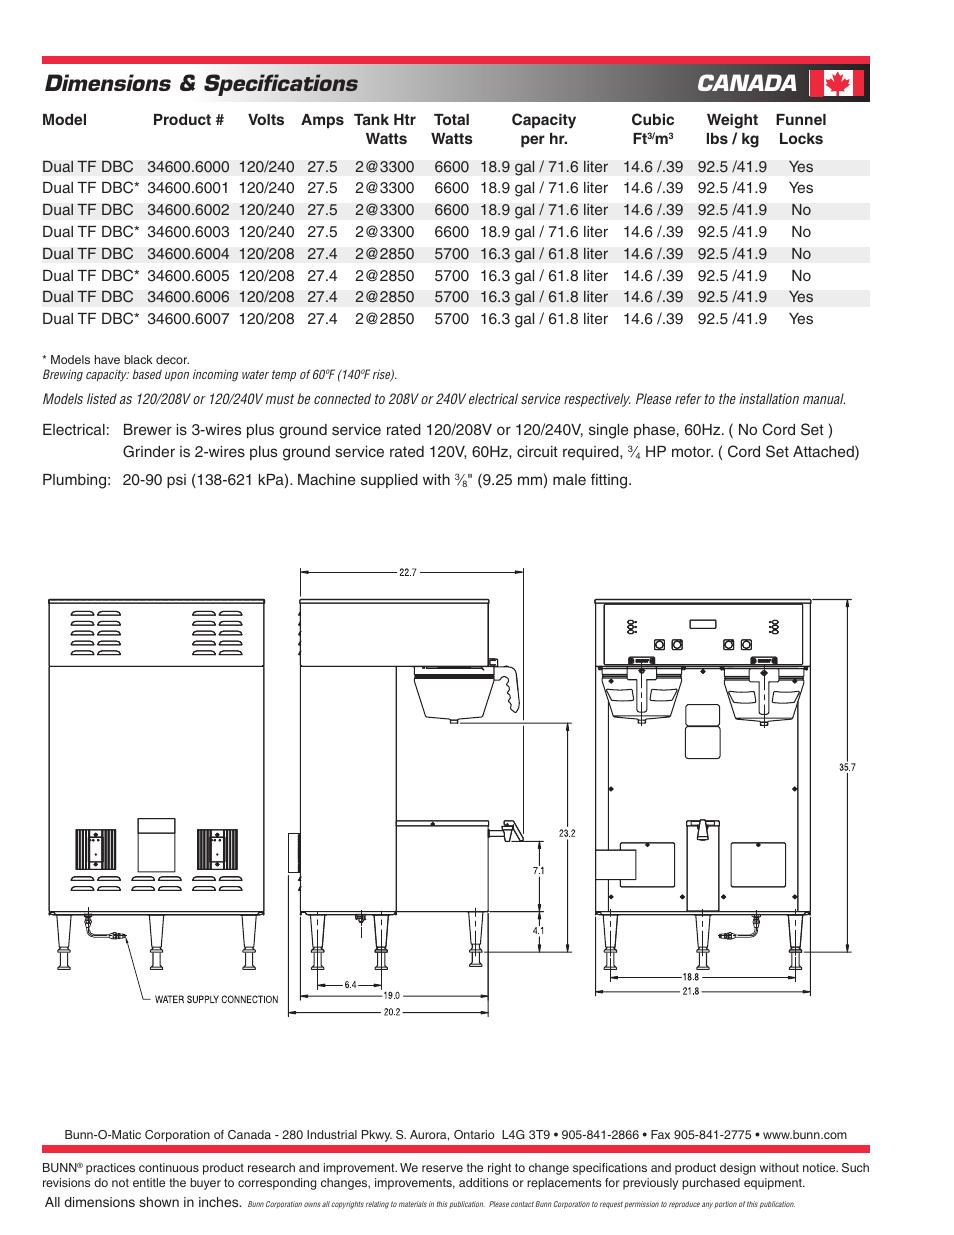 medium resolution of dimensions u0026 specifications canada bunn brewwise dual tf dbc userdimensions u0026 specifications